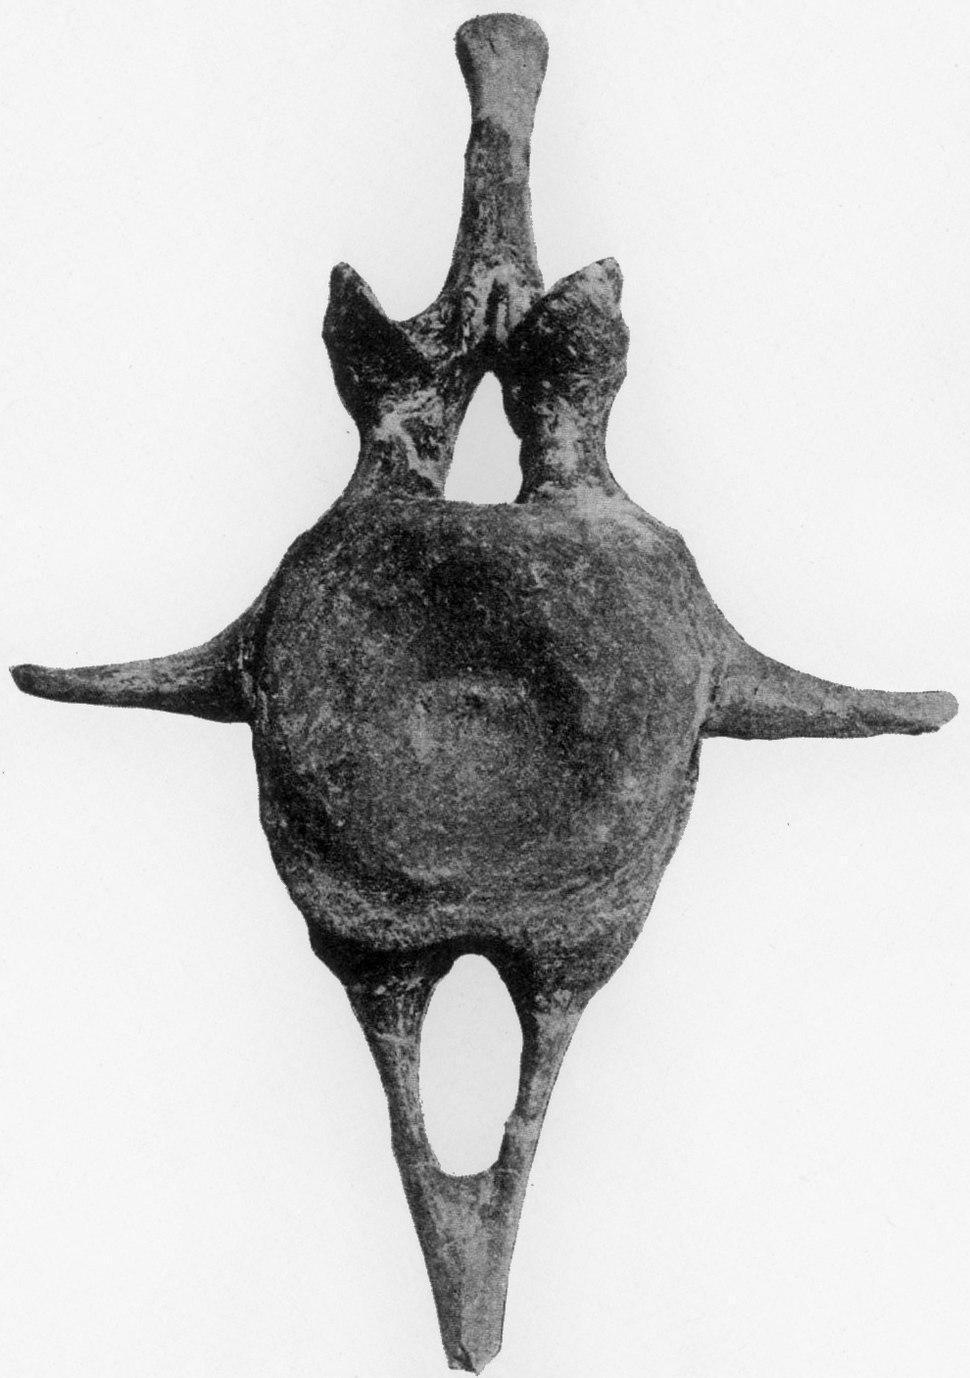 Ankylosaurus tail vertebra